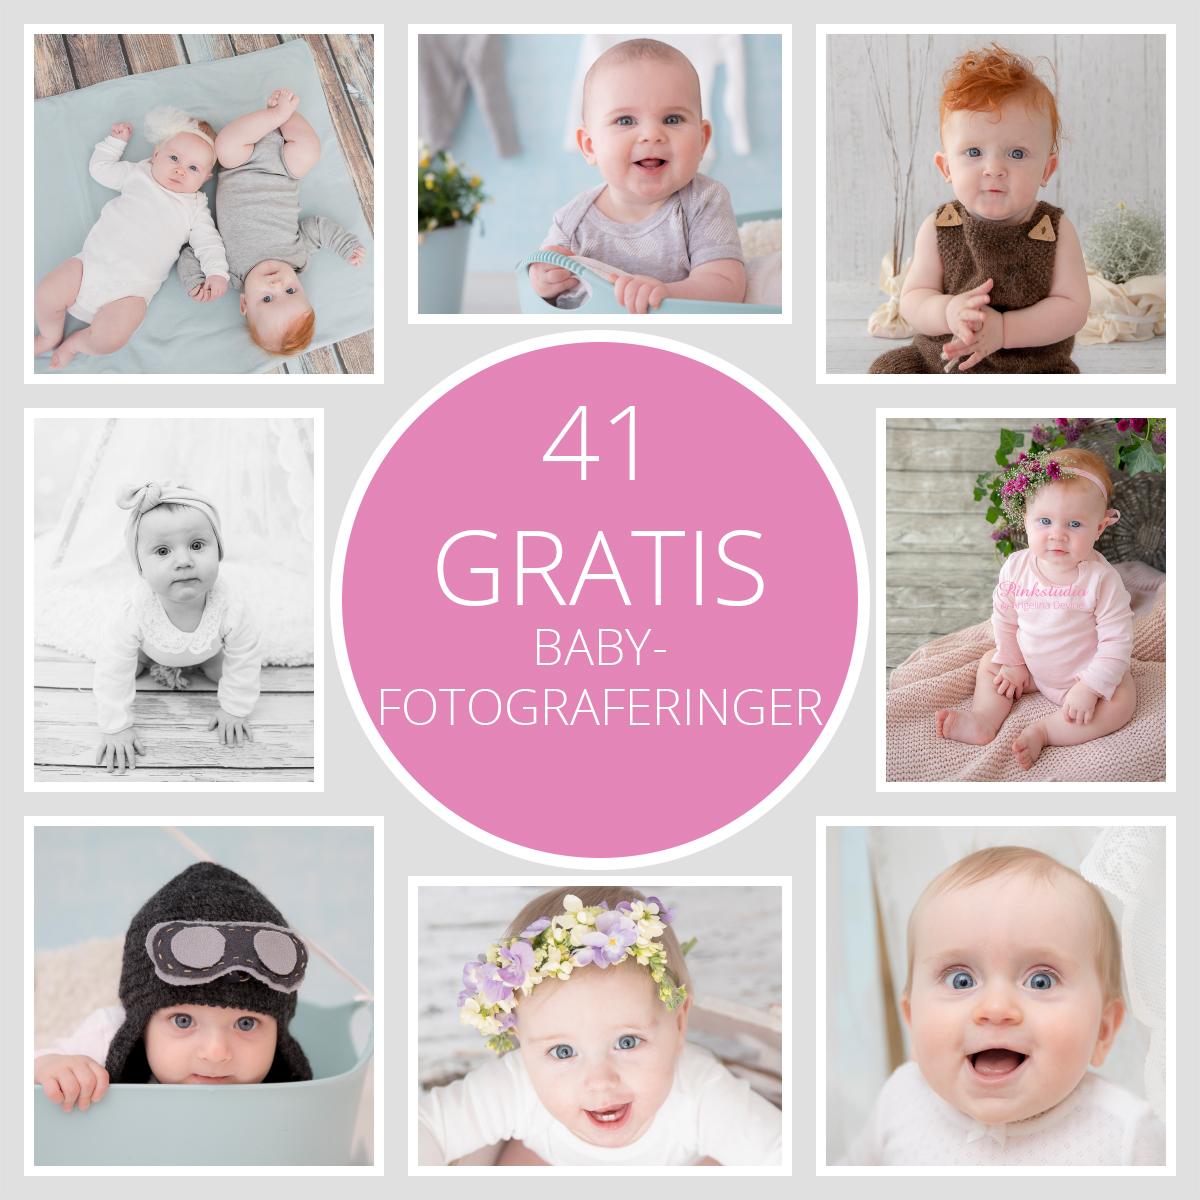 Pinkstudio by Angelina Devine GRATIS-maj Fødselsdagstilbud: GRATIS babyfotografering Nyheder Portræt Tilbud